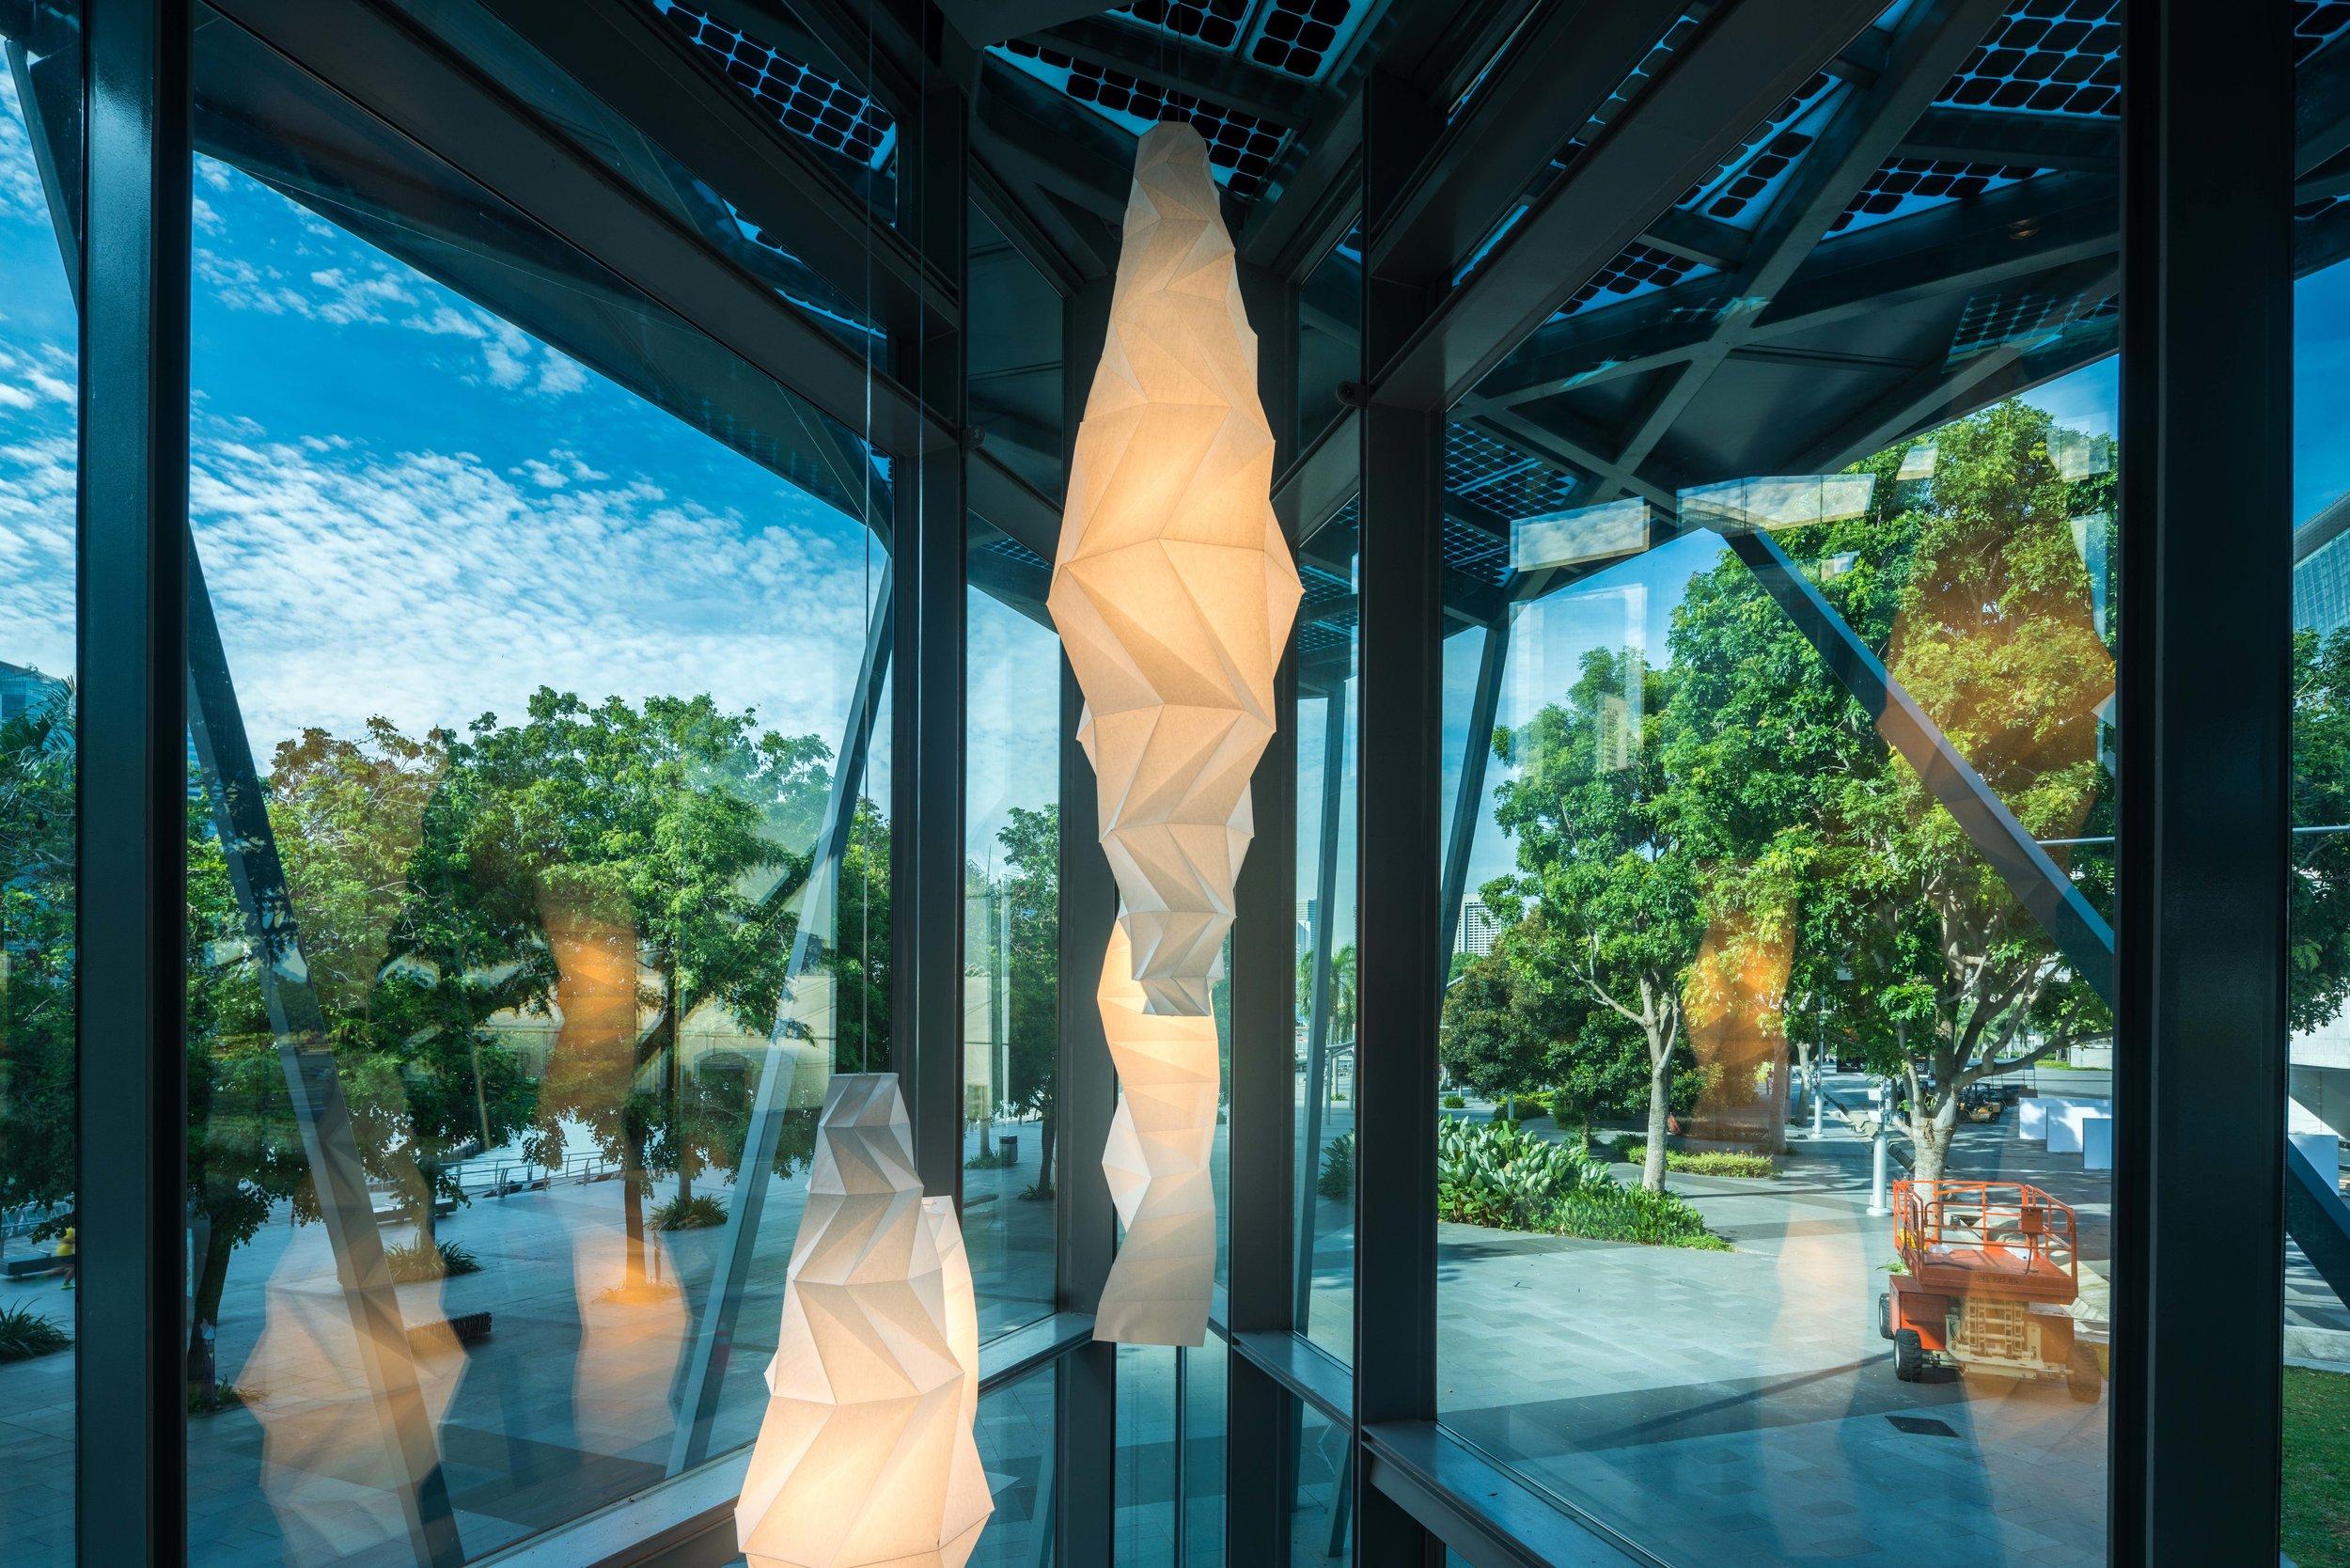 IN-EI ISSEY MIYAKE lighting